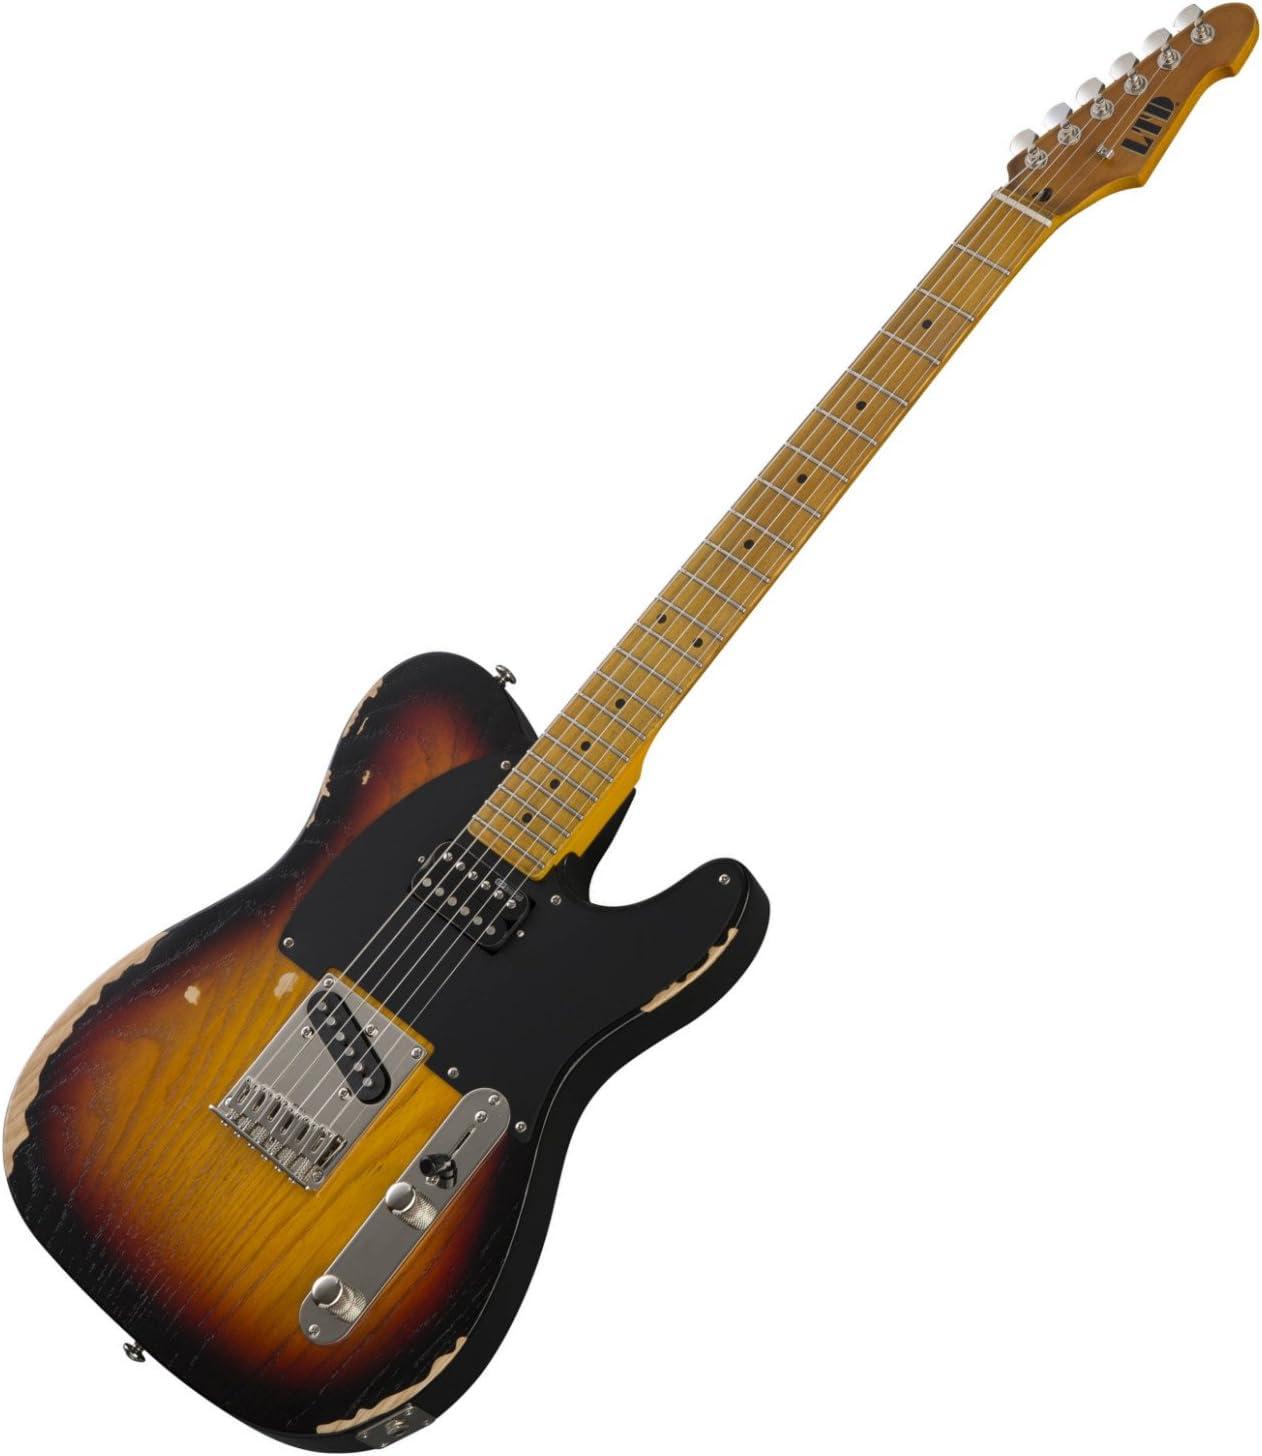 Distressed 3 Tone Burst ESP LTD TE Series TE-254 Electric Guitar